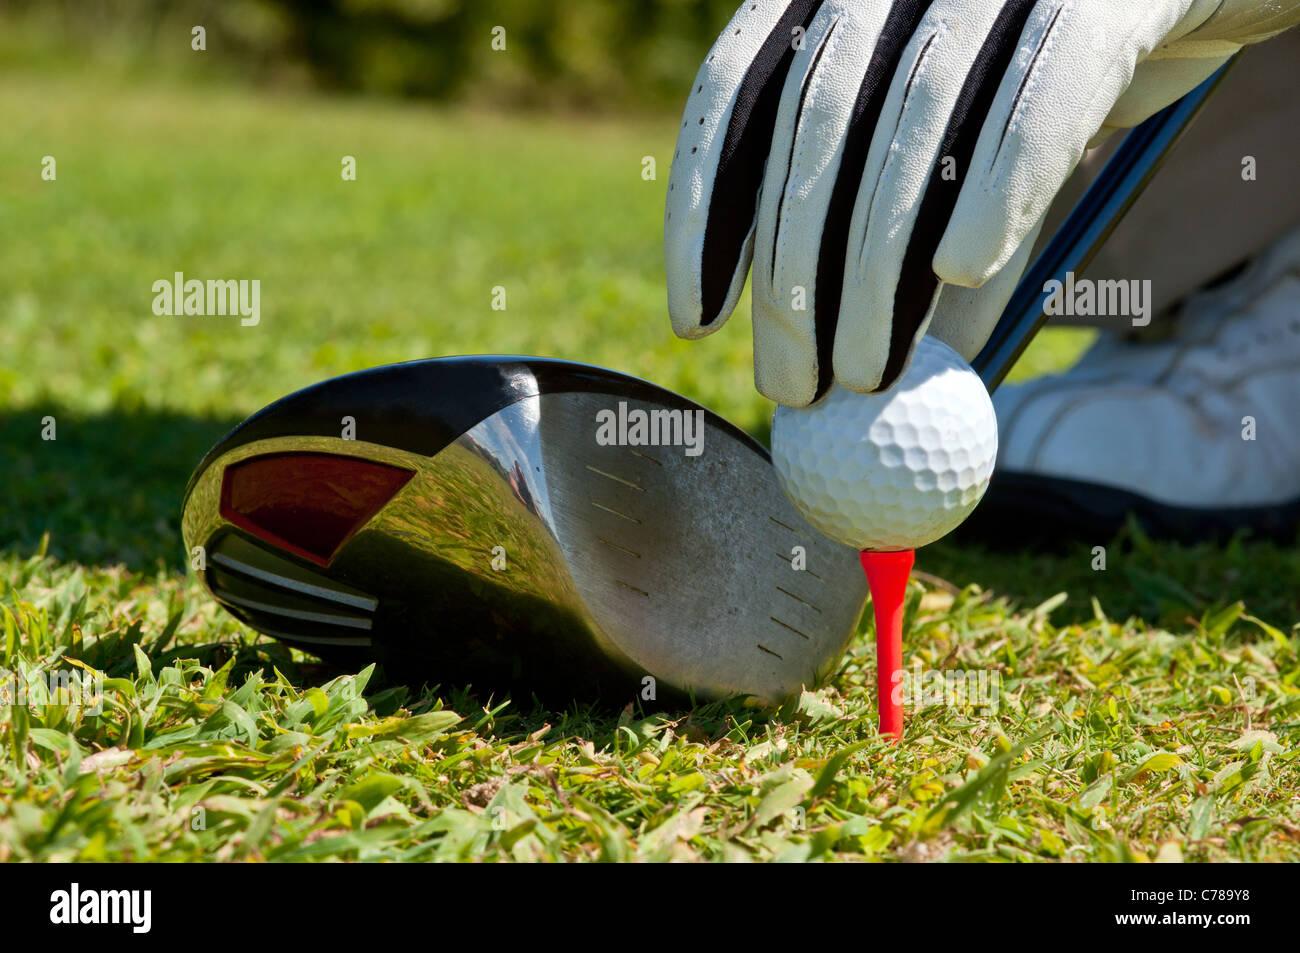 Platzieren einen Golfball auf einem t-Shirt, neben einem Club Hand. Stockbild